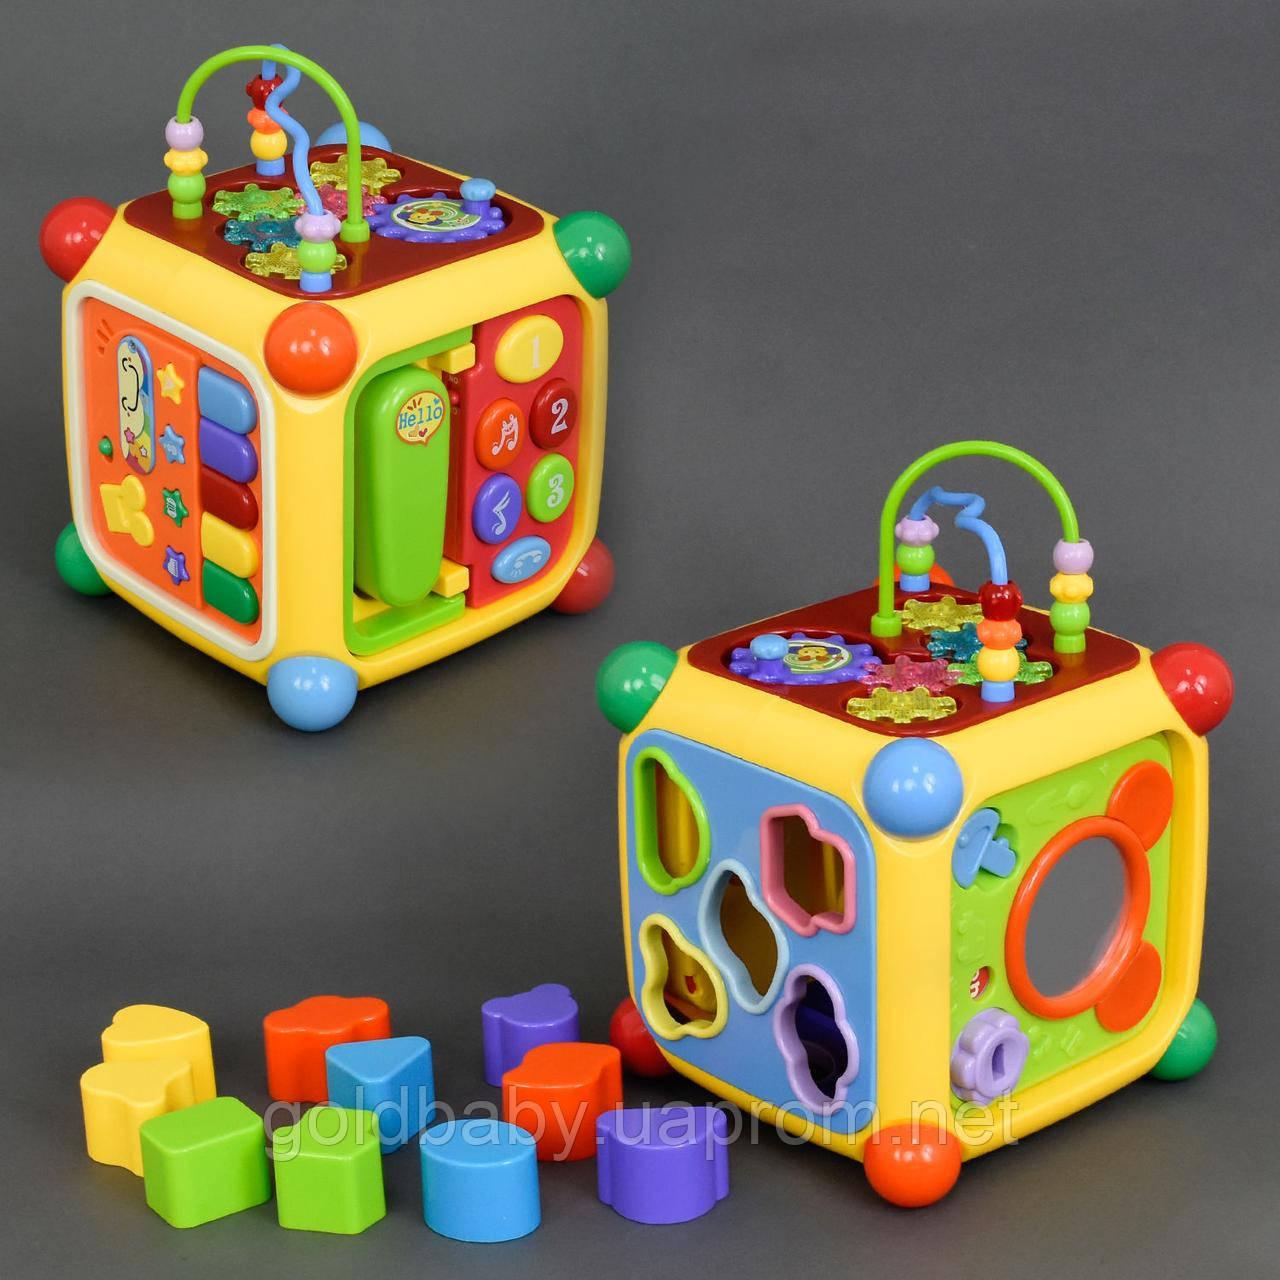 Музыкальная развивающая игрушка «Логический куб» 3838 А